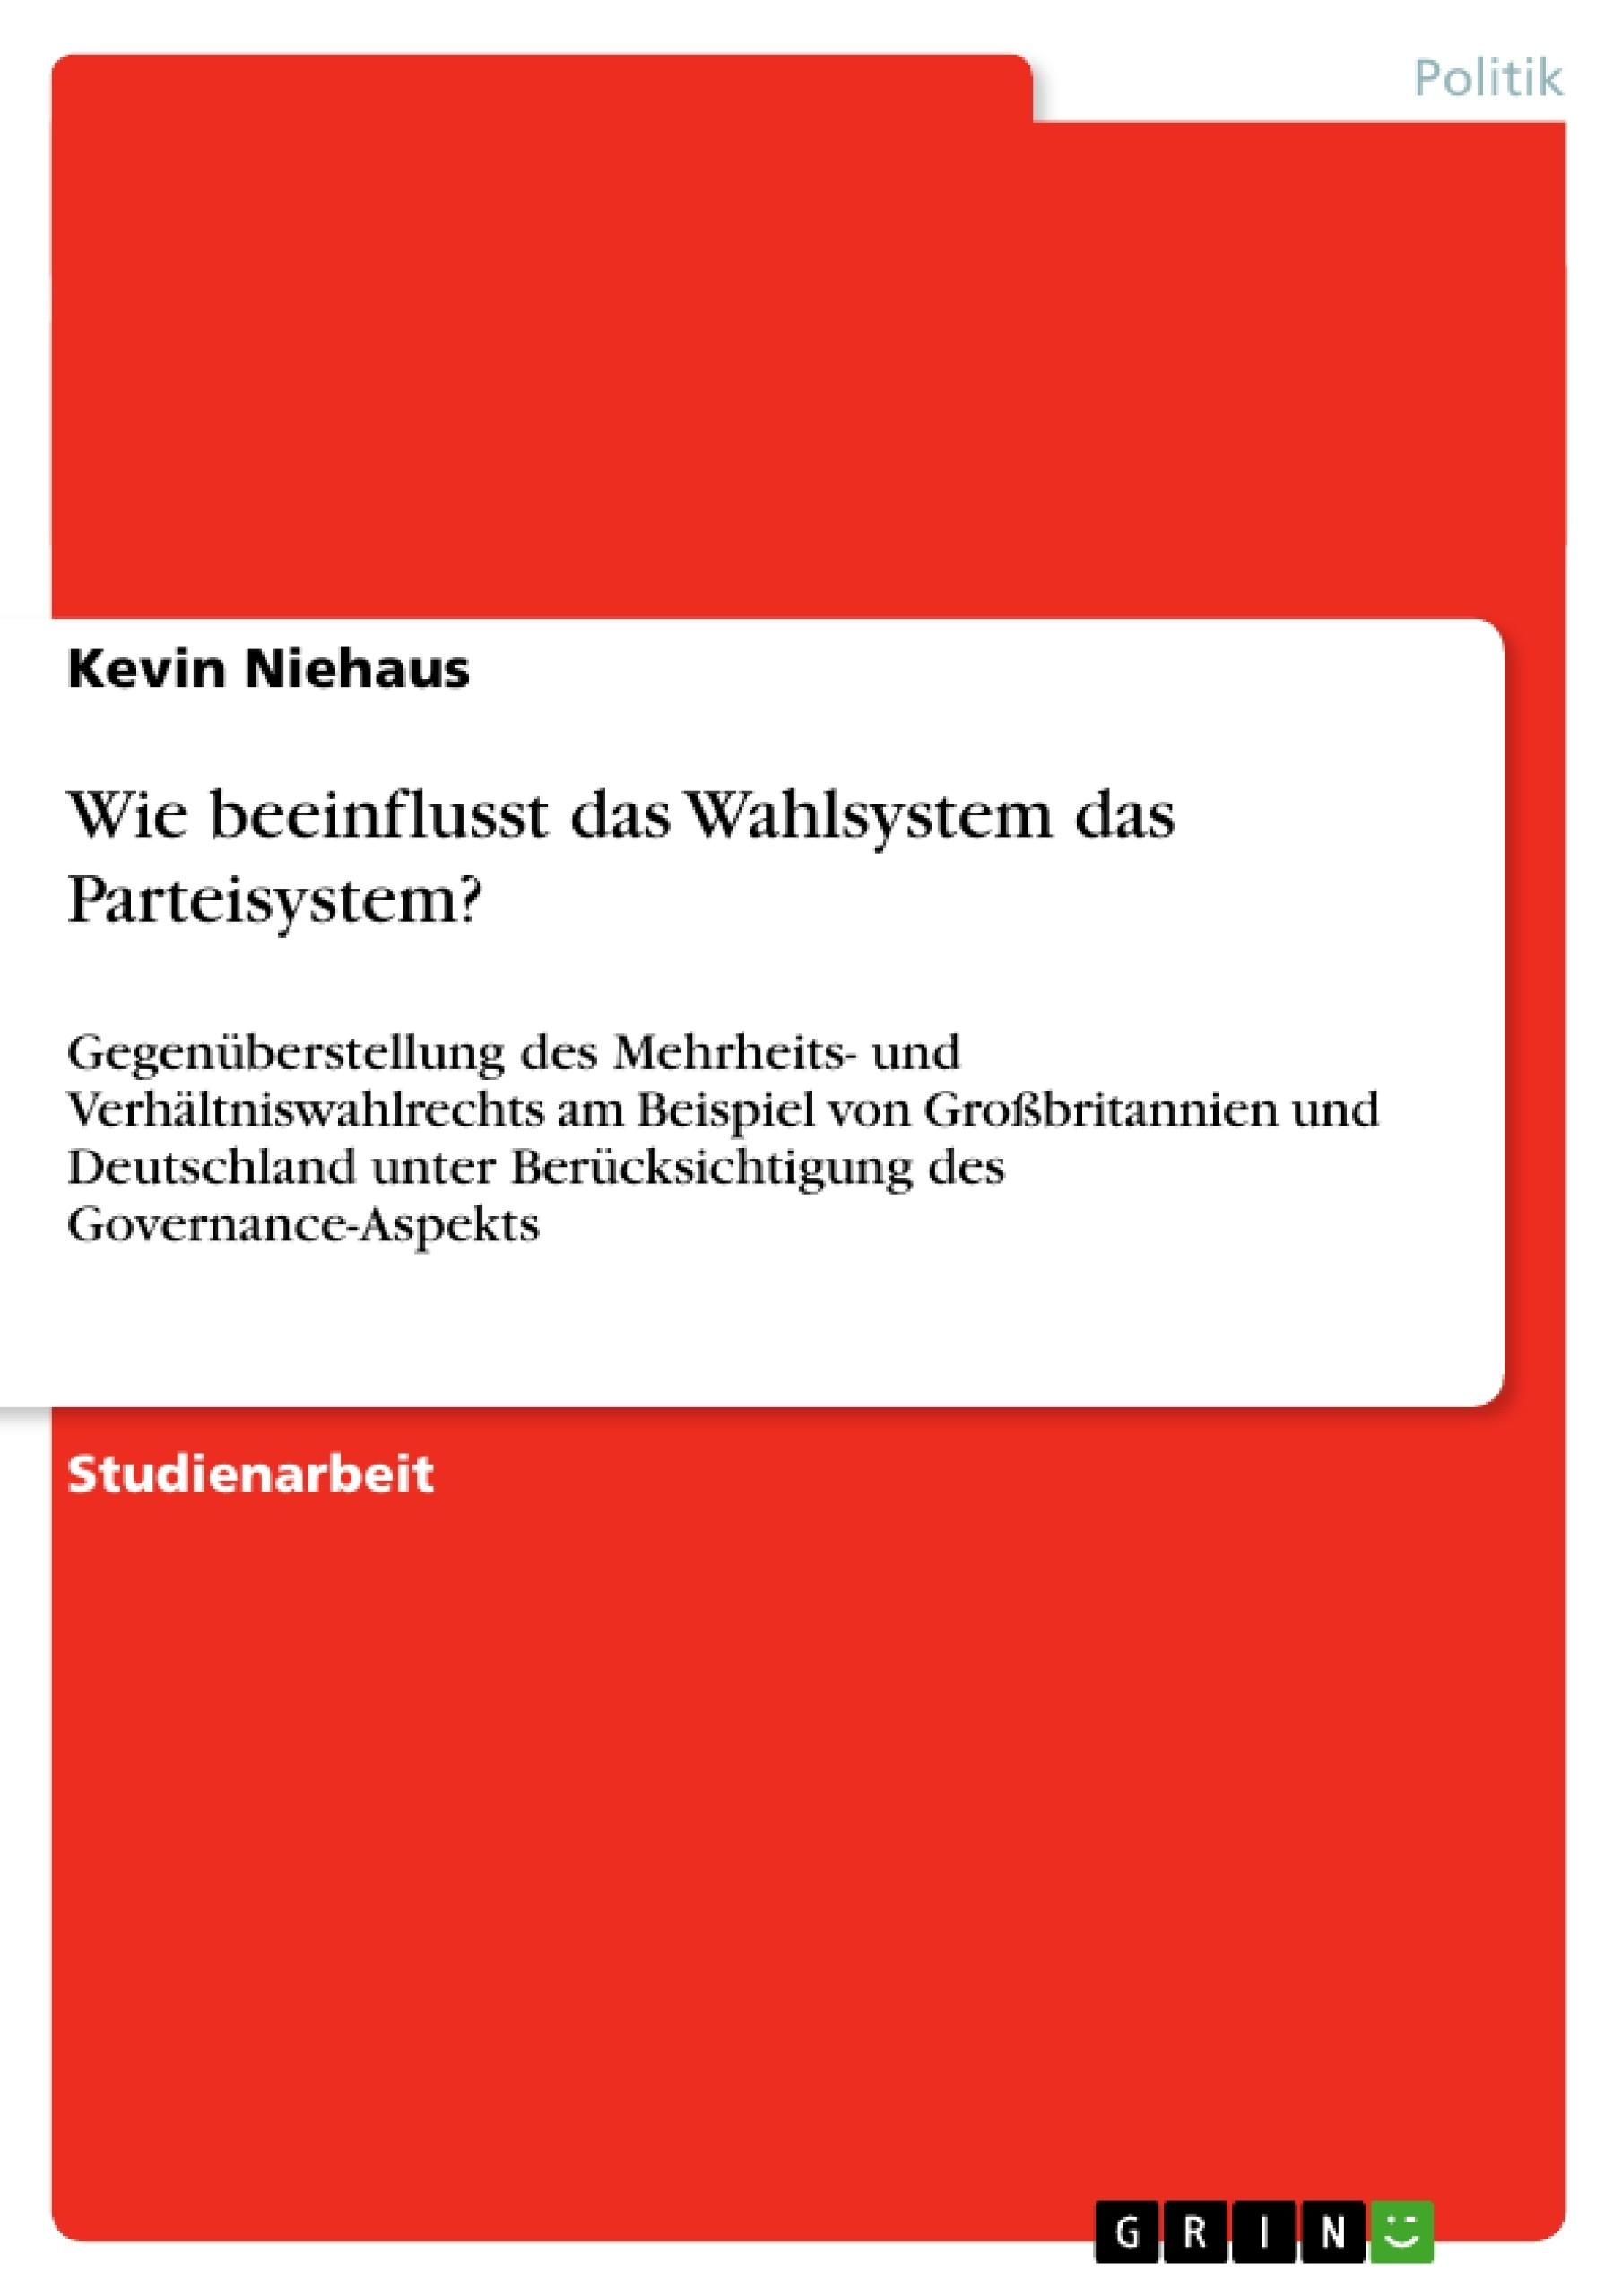 Titel: Wie beeinflusst das Wahlsystem das Parteisystem?